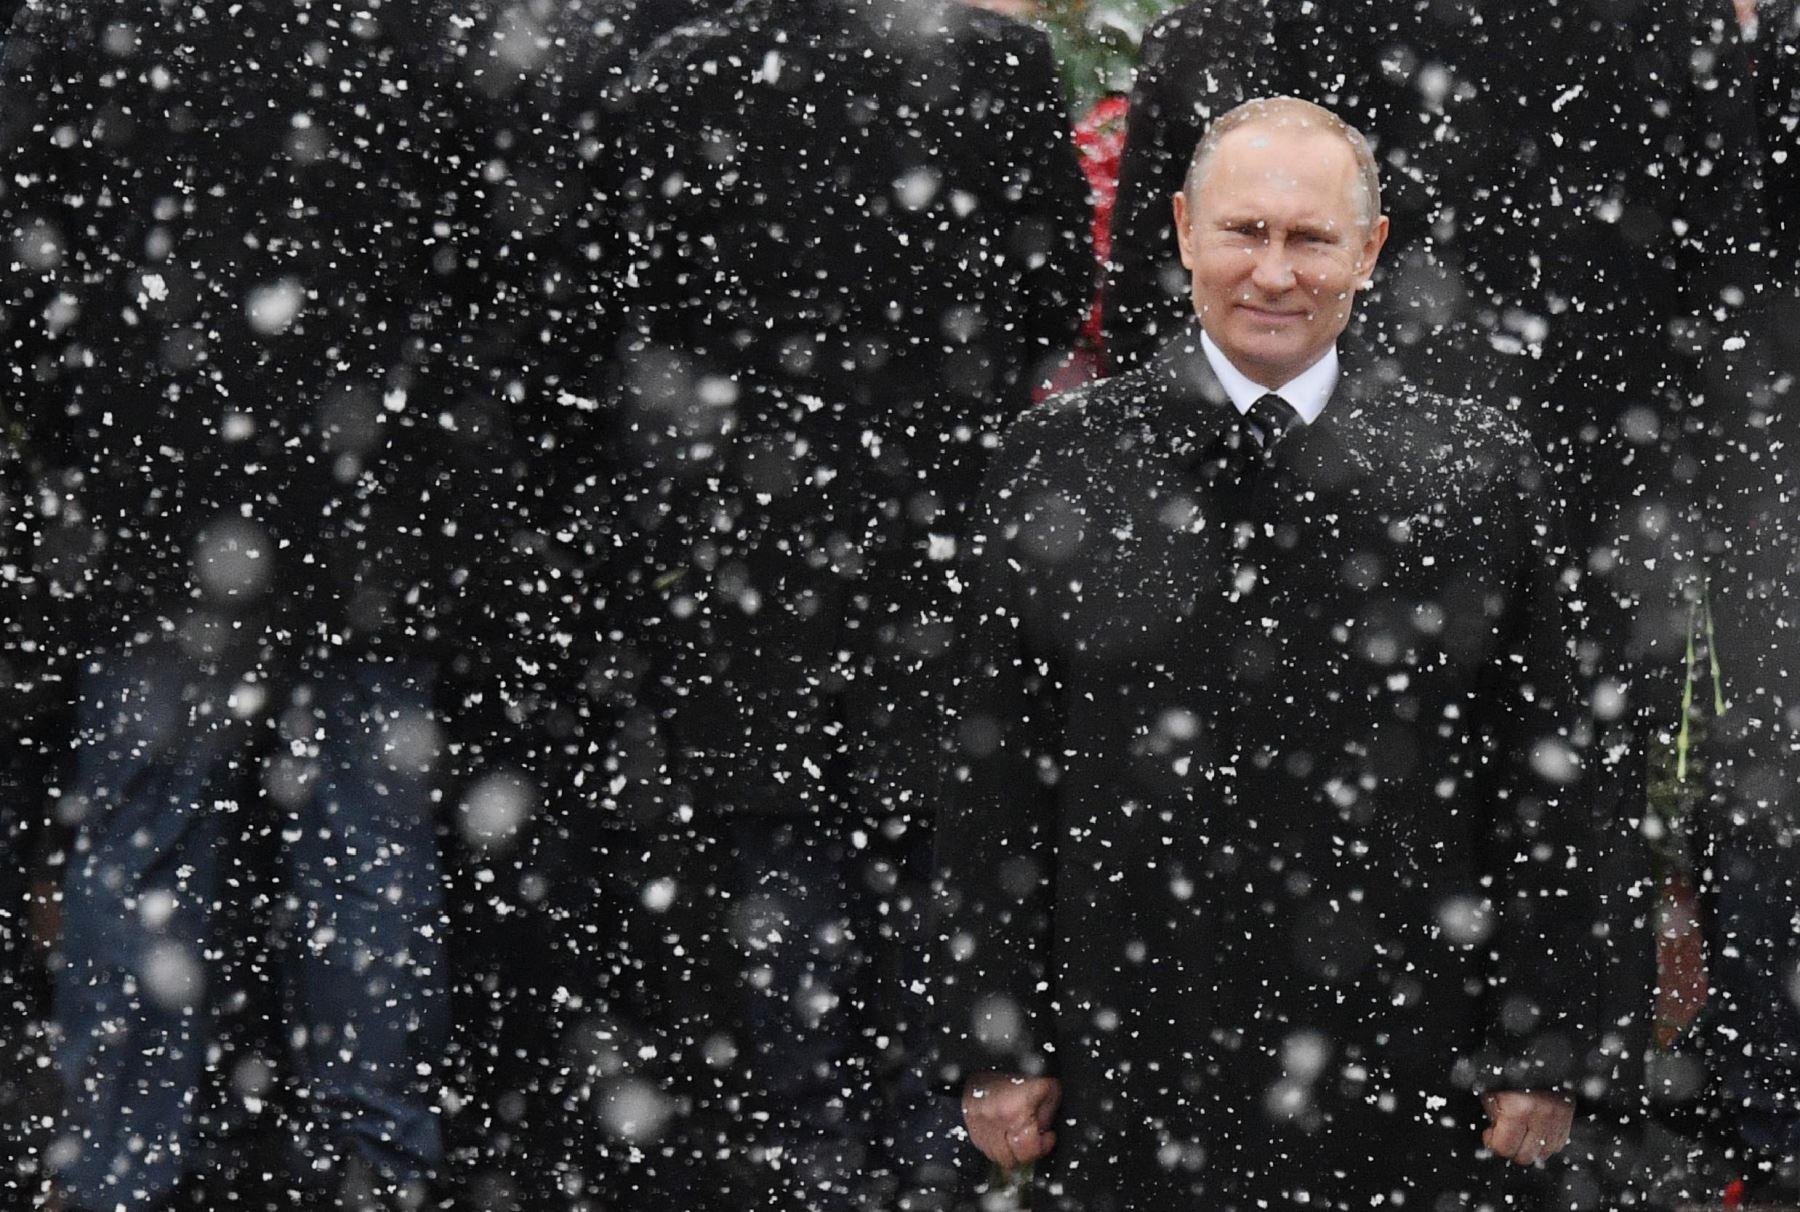 El Presidente ruso Vladimir Putin asiste al homenaje del Soldado Desconocido en el Kremlin. Foto: AFP